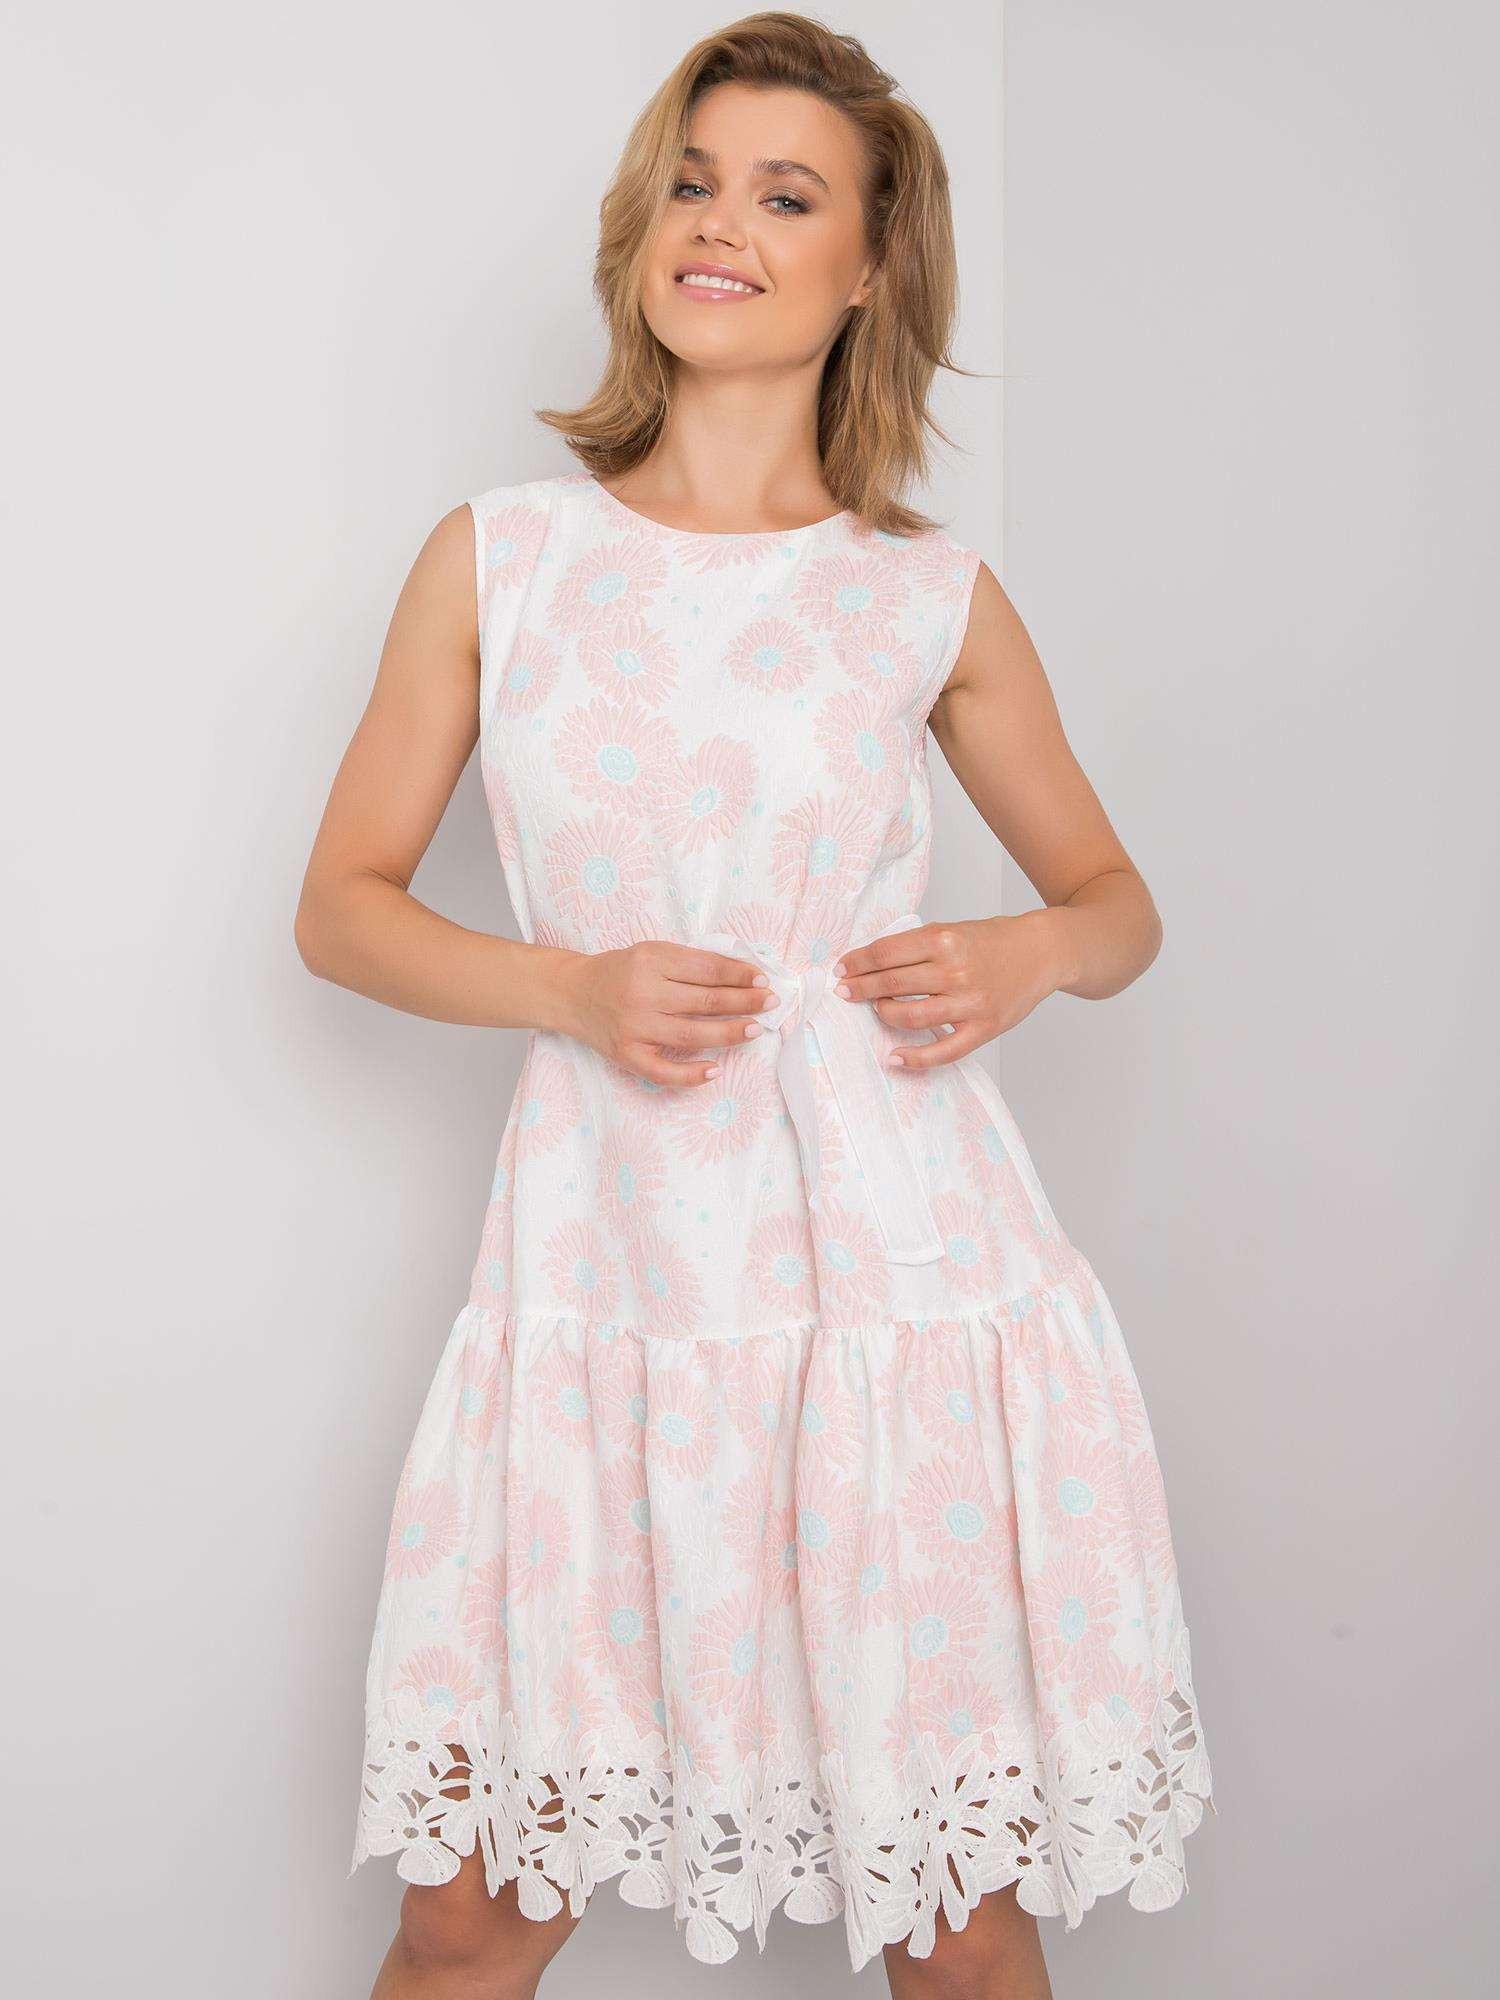 Biele a ružové kvetinové šaty 42